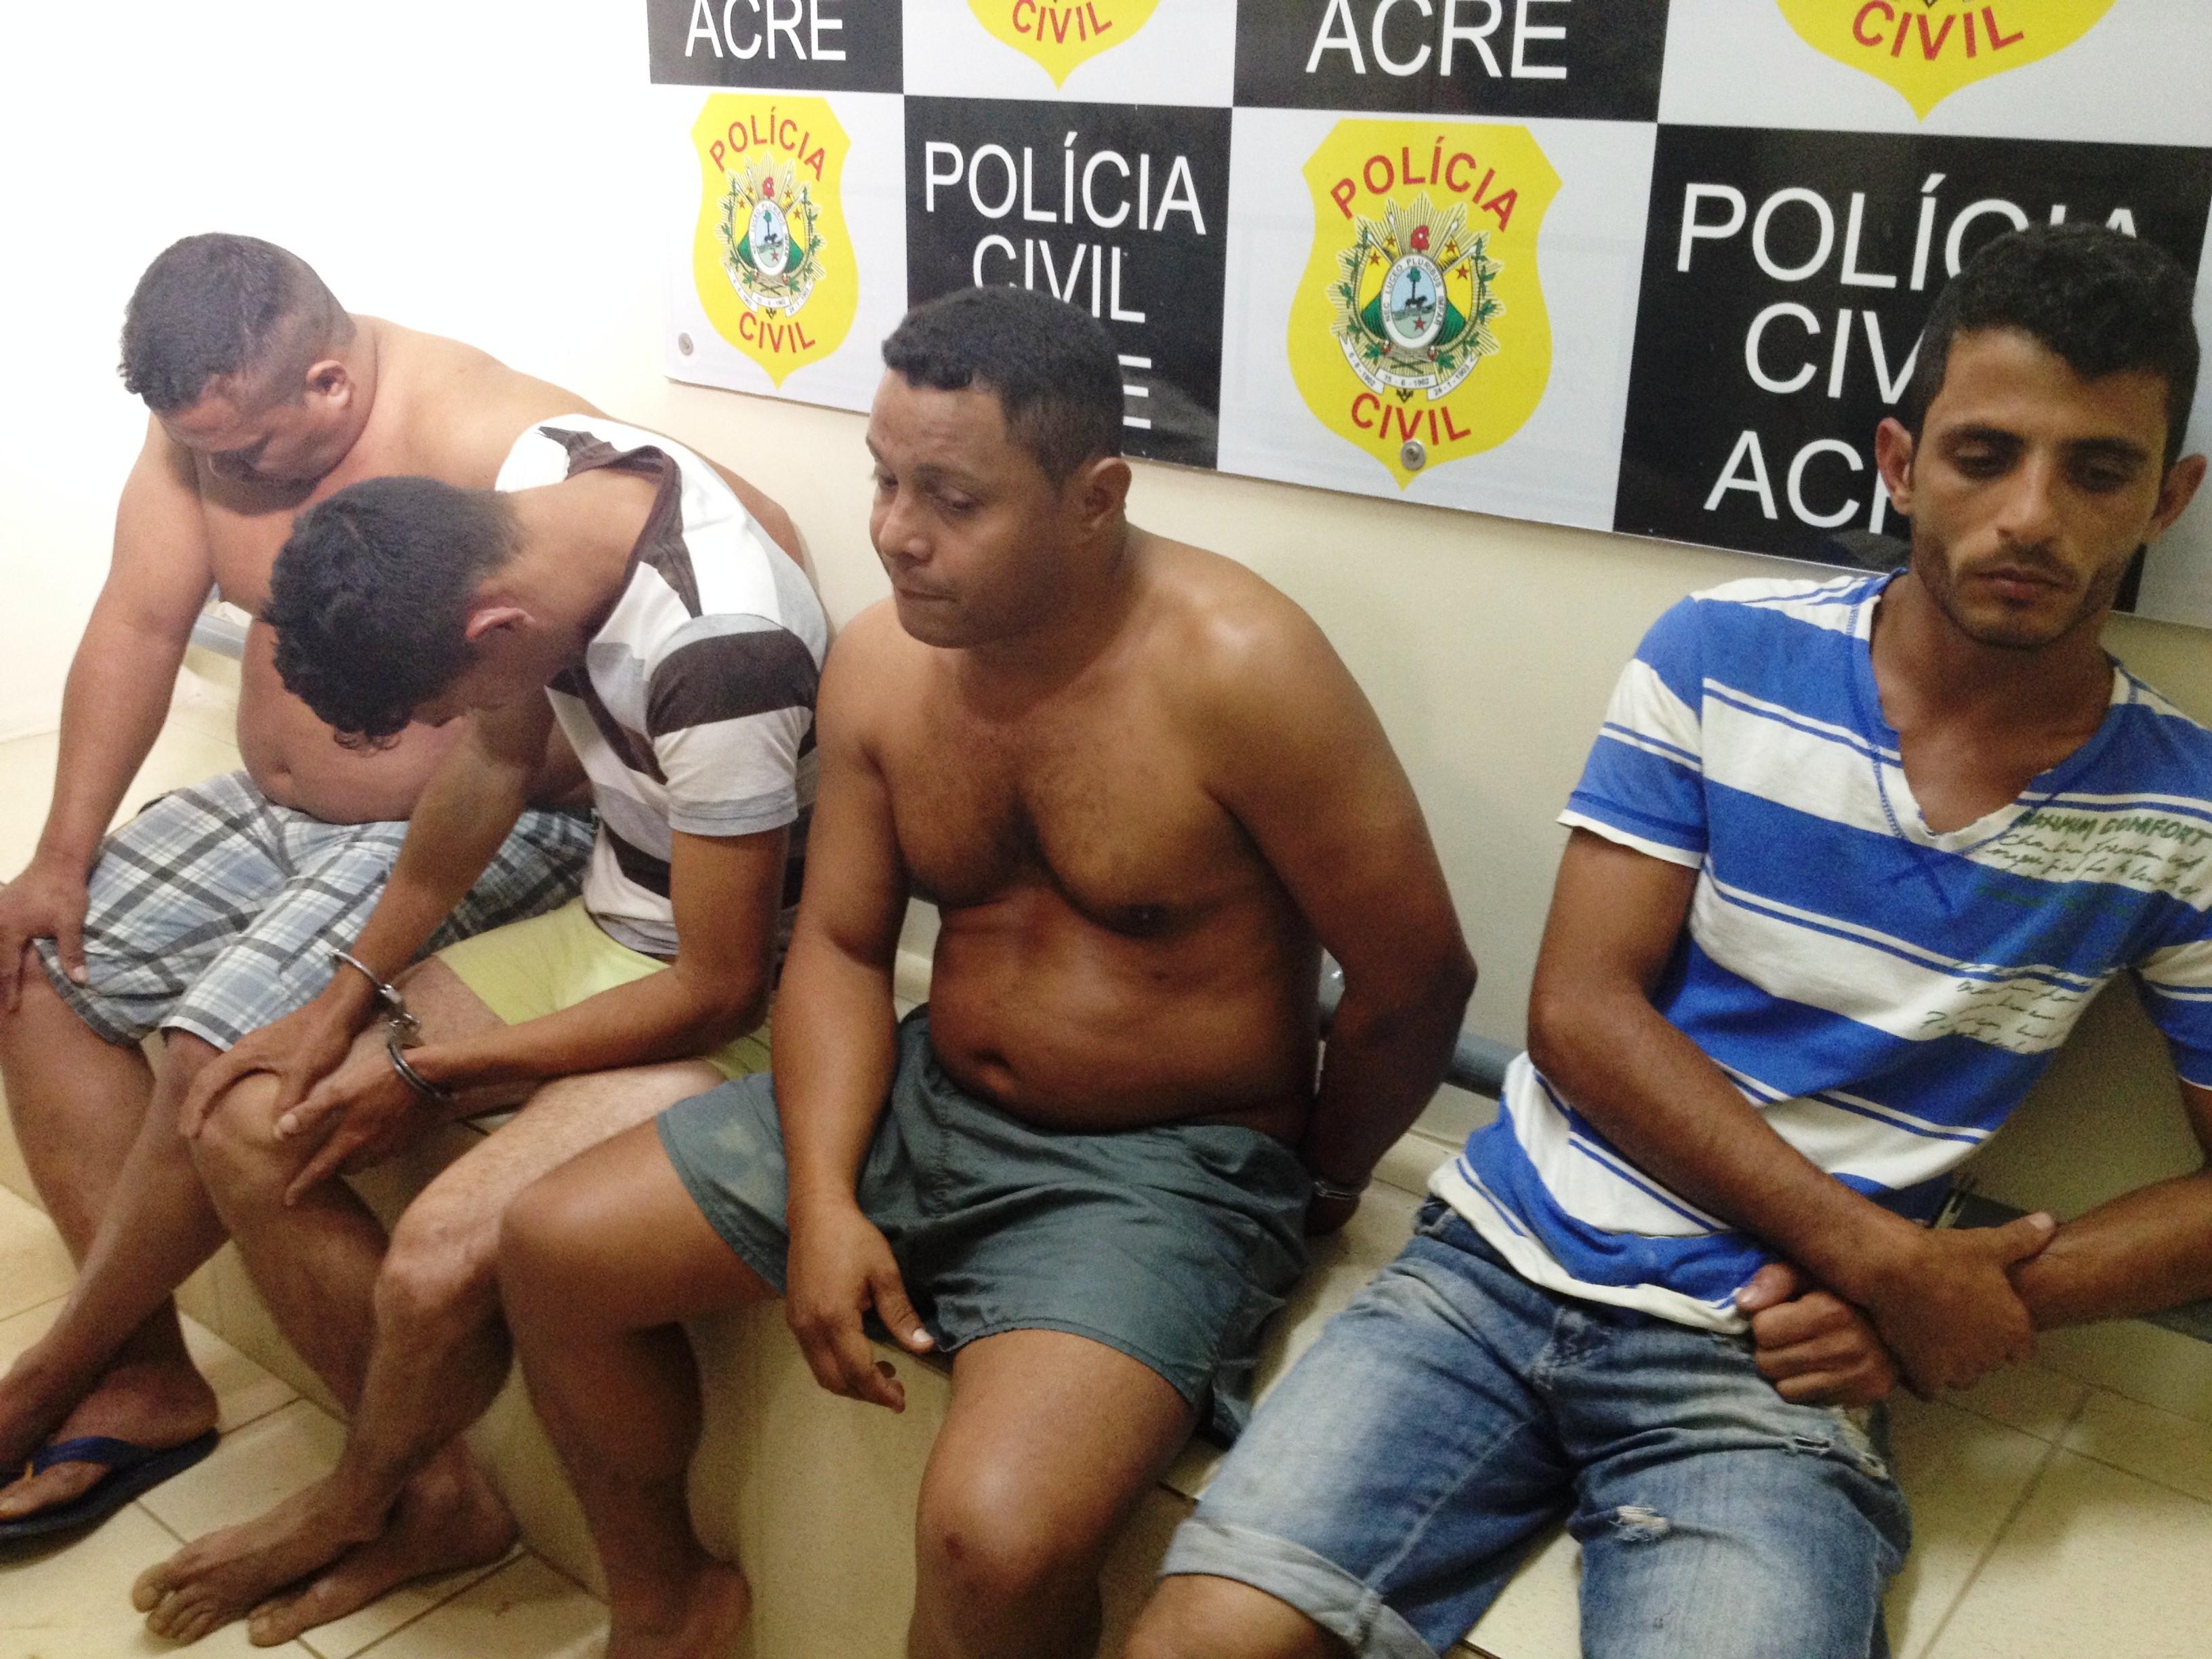 Somadas, penas de acusados de matar PM durante assalto no AC ultrapassam 270 anos